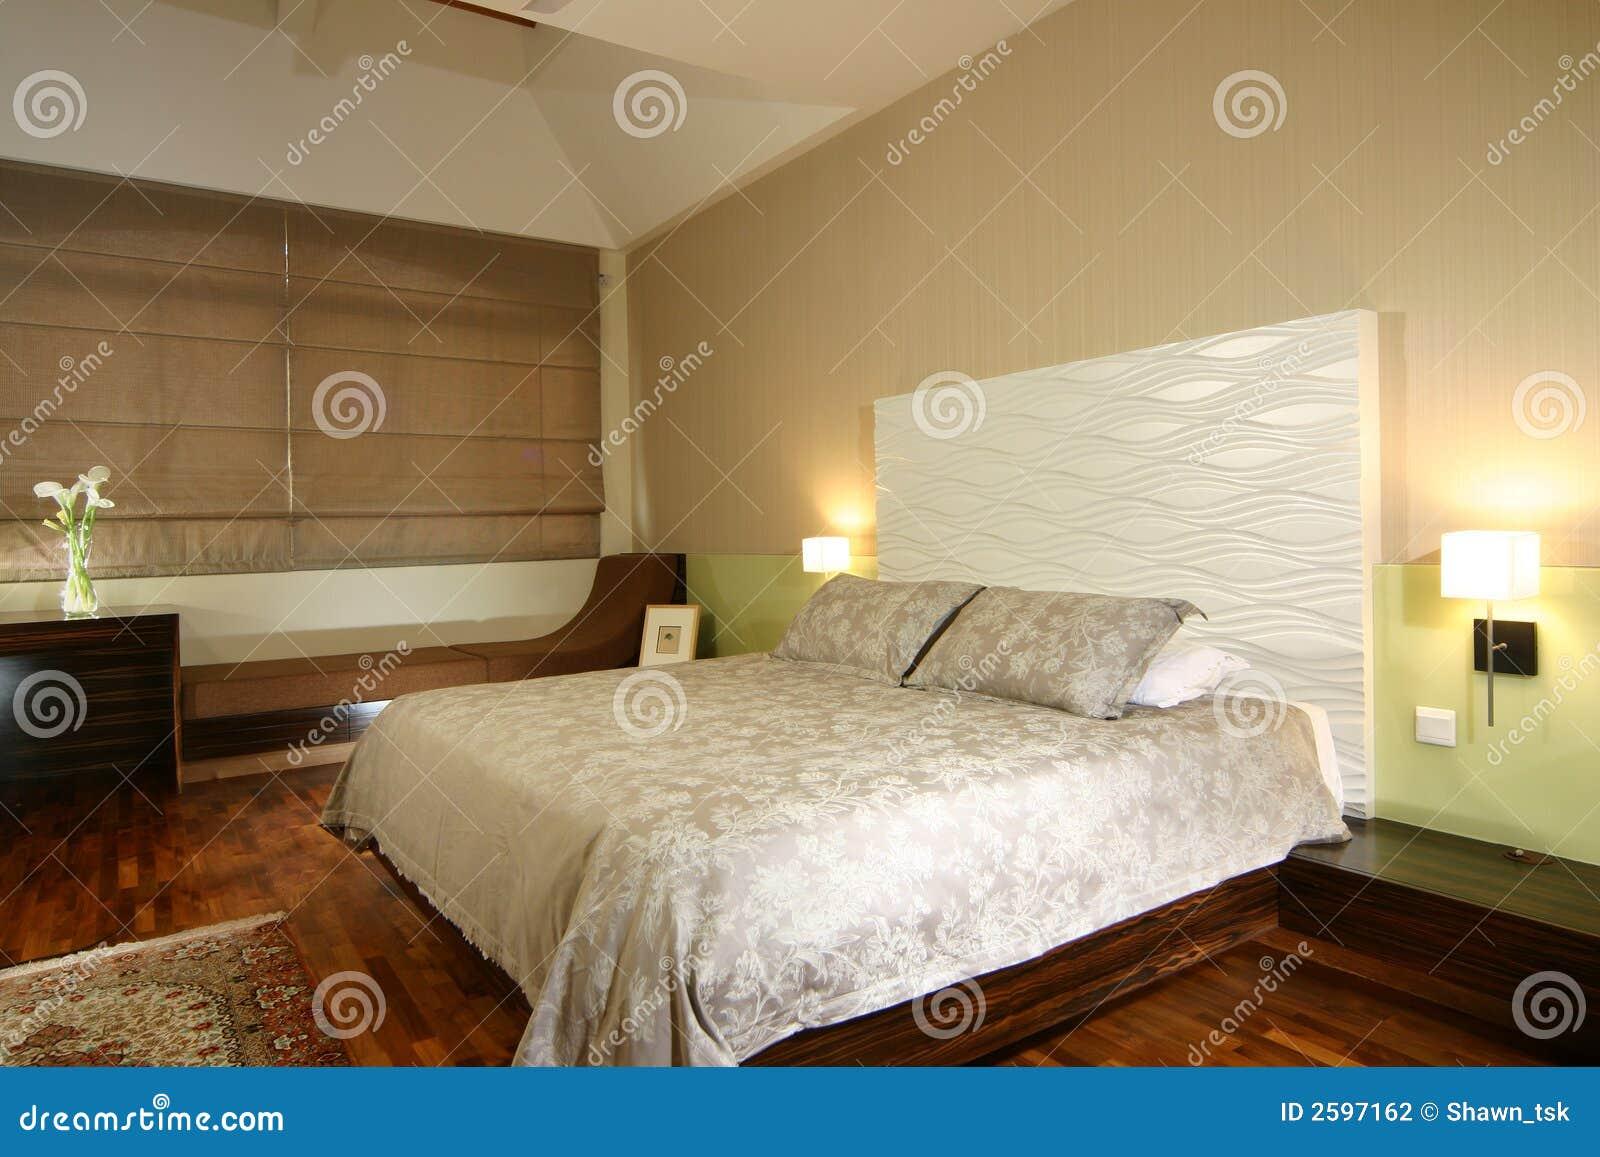 Innenarchitektur schlafzimmer stockfoto bild von for Innenarchitekt preise